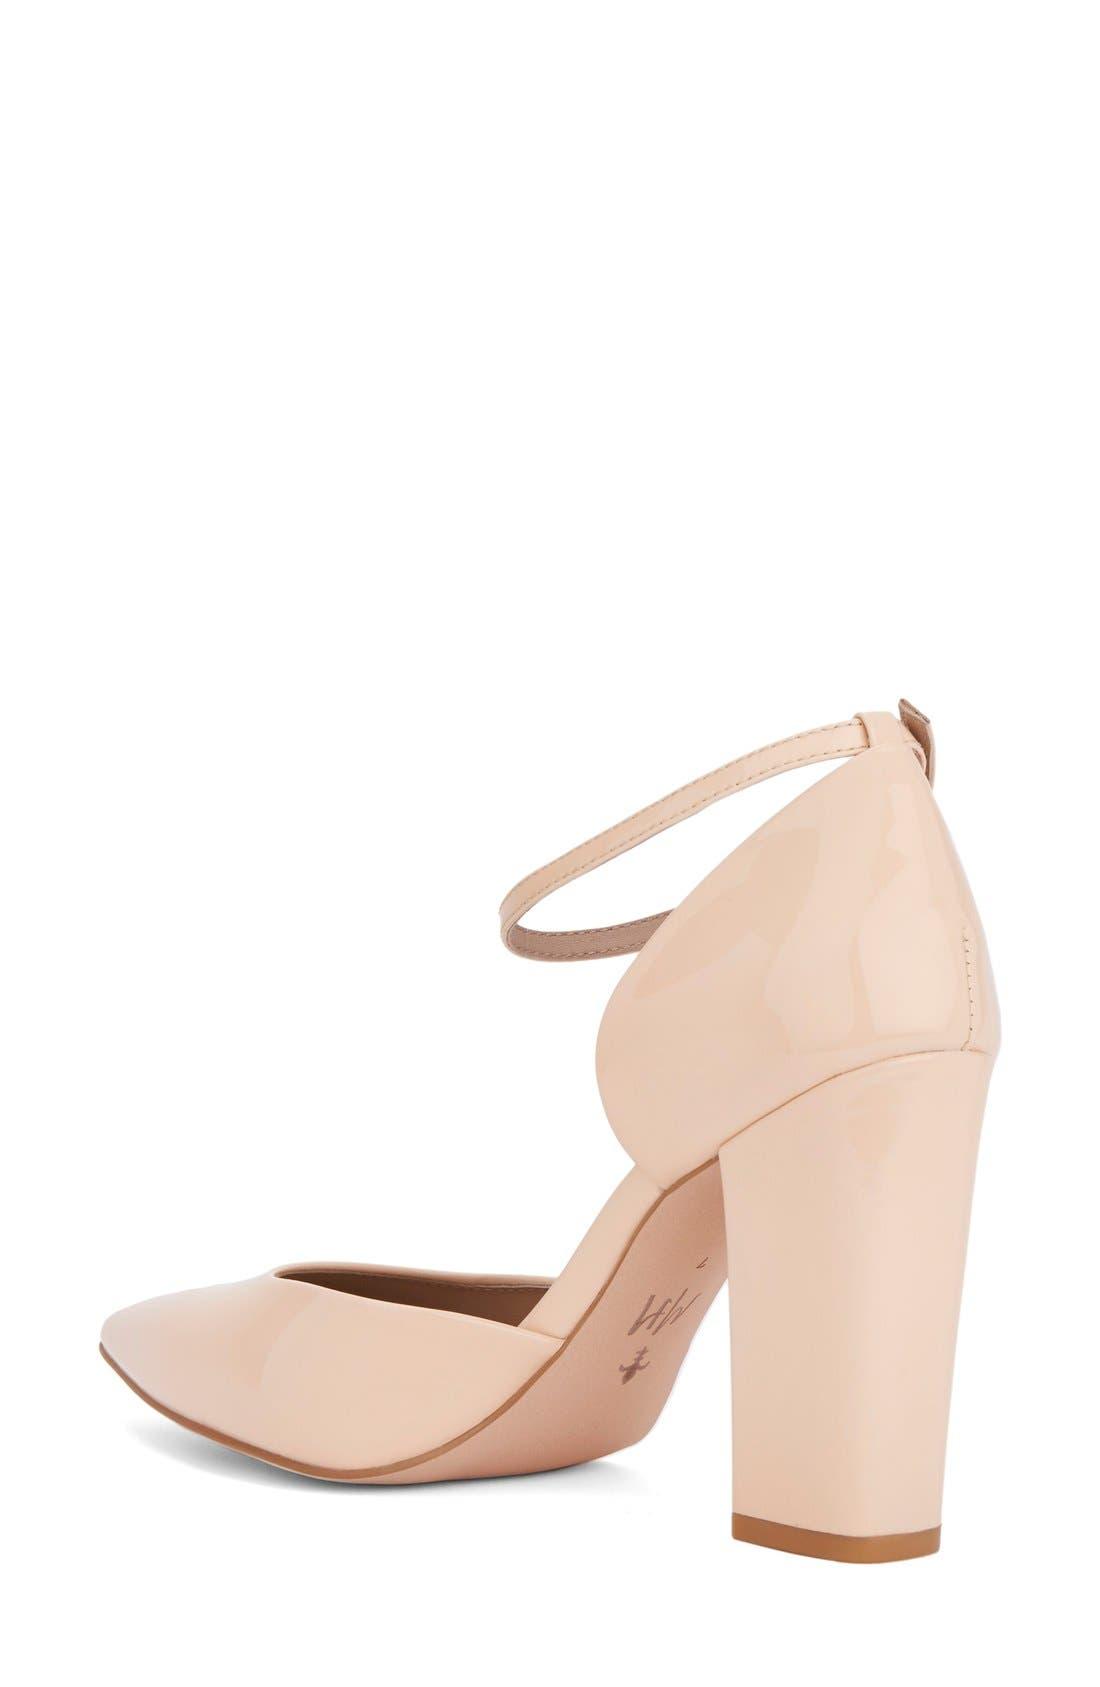 Alternate Image 2  - Shoes of Prey x Megan Hess Fleur-de-lis Collection Pump (Women)